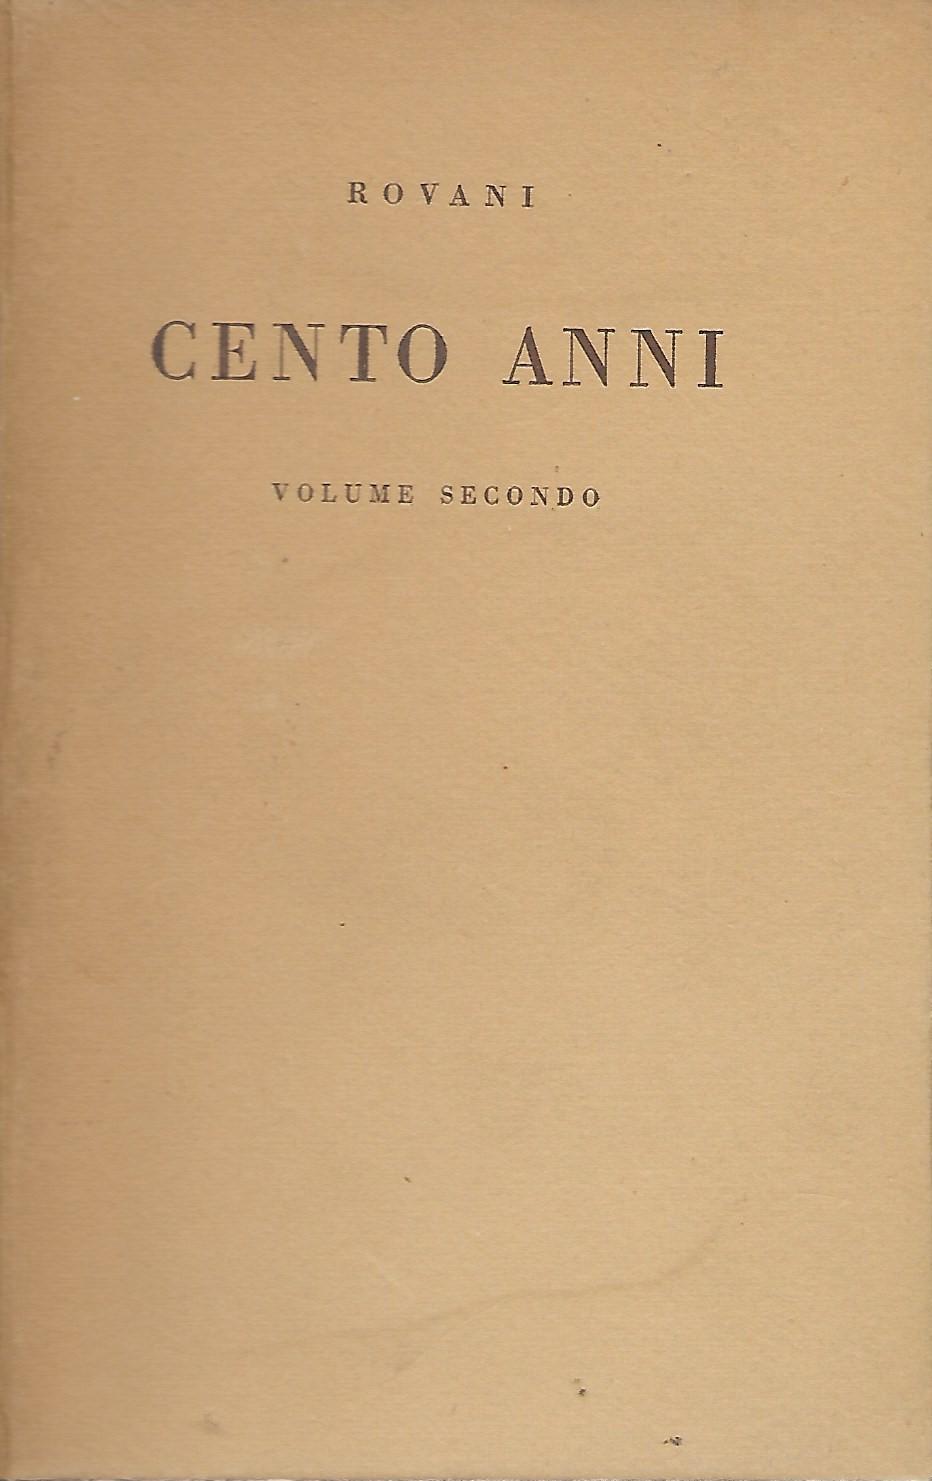 Cento anni - Volume secondo